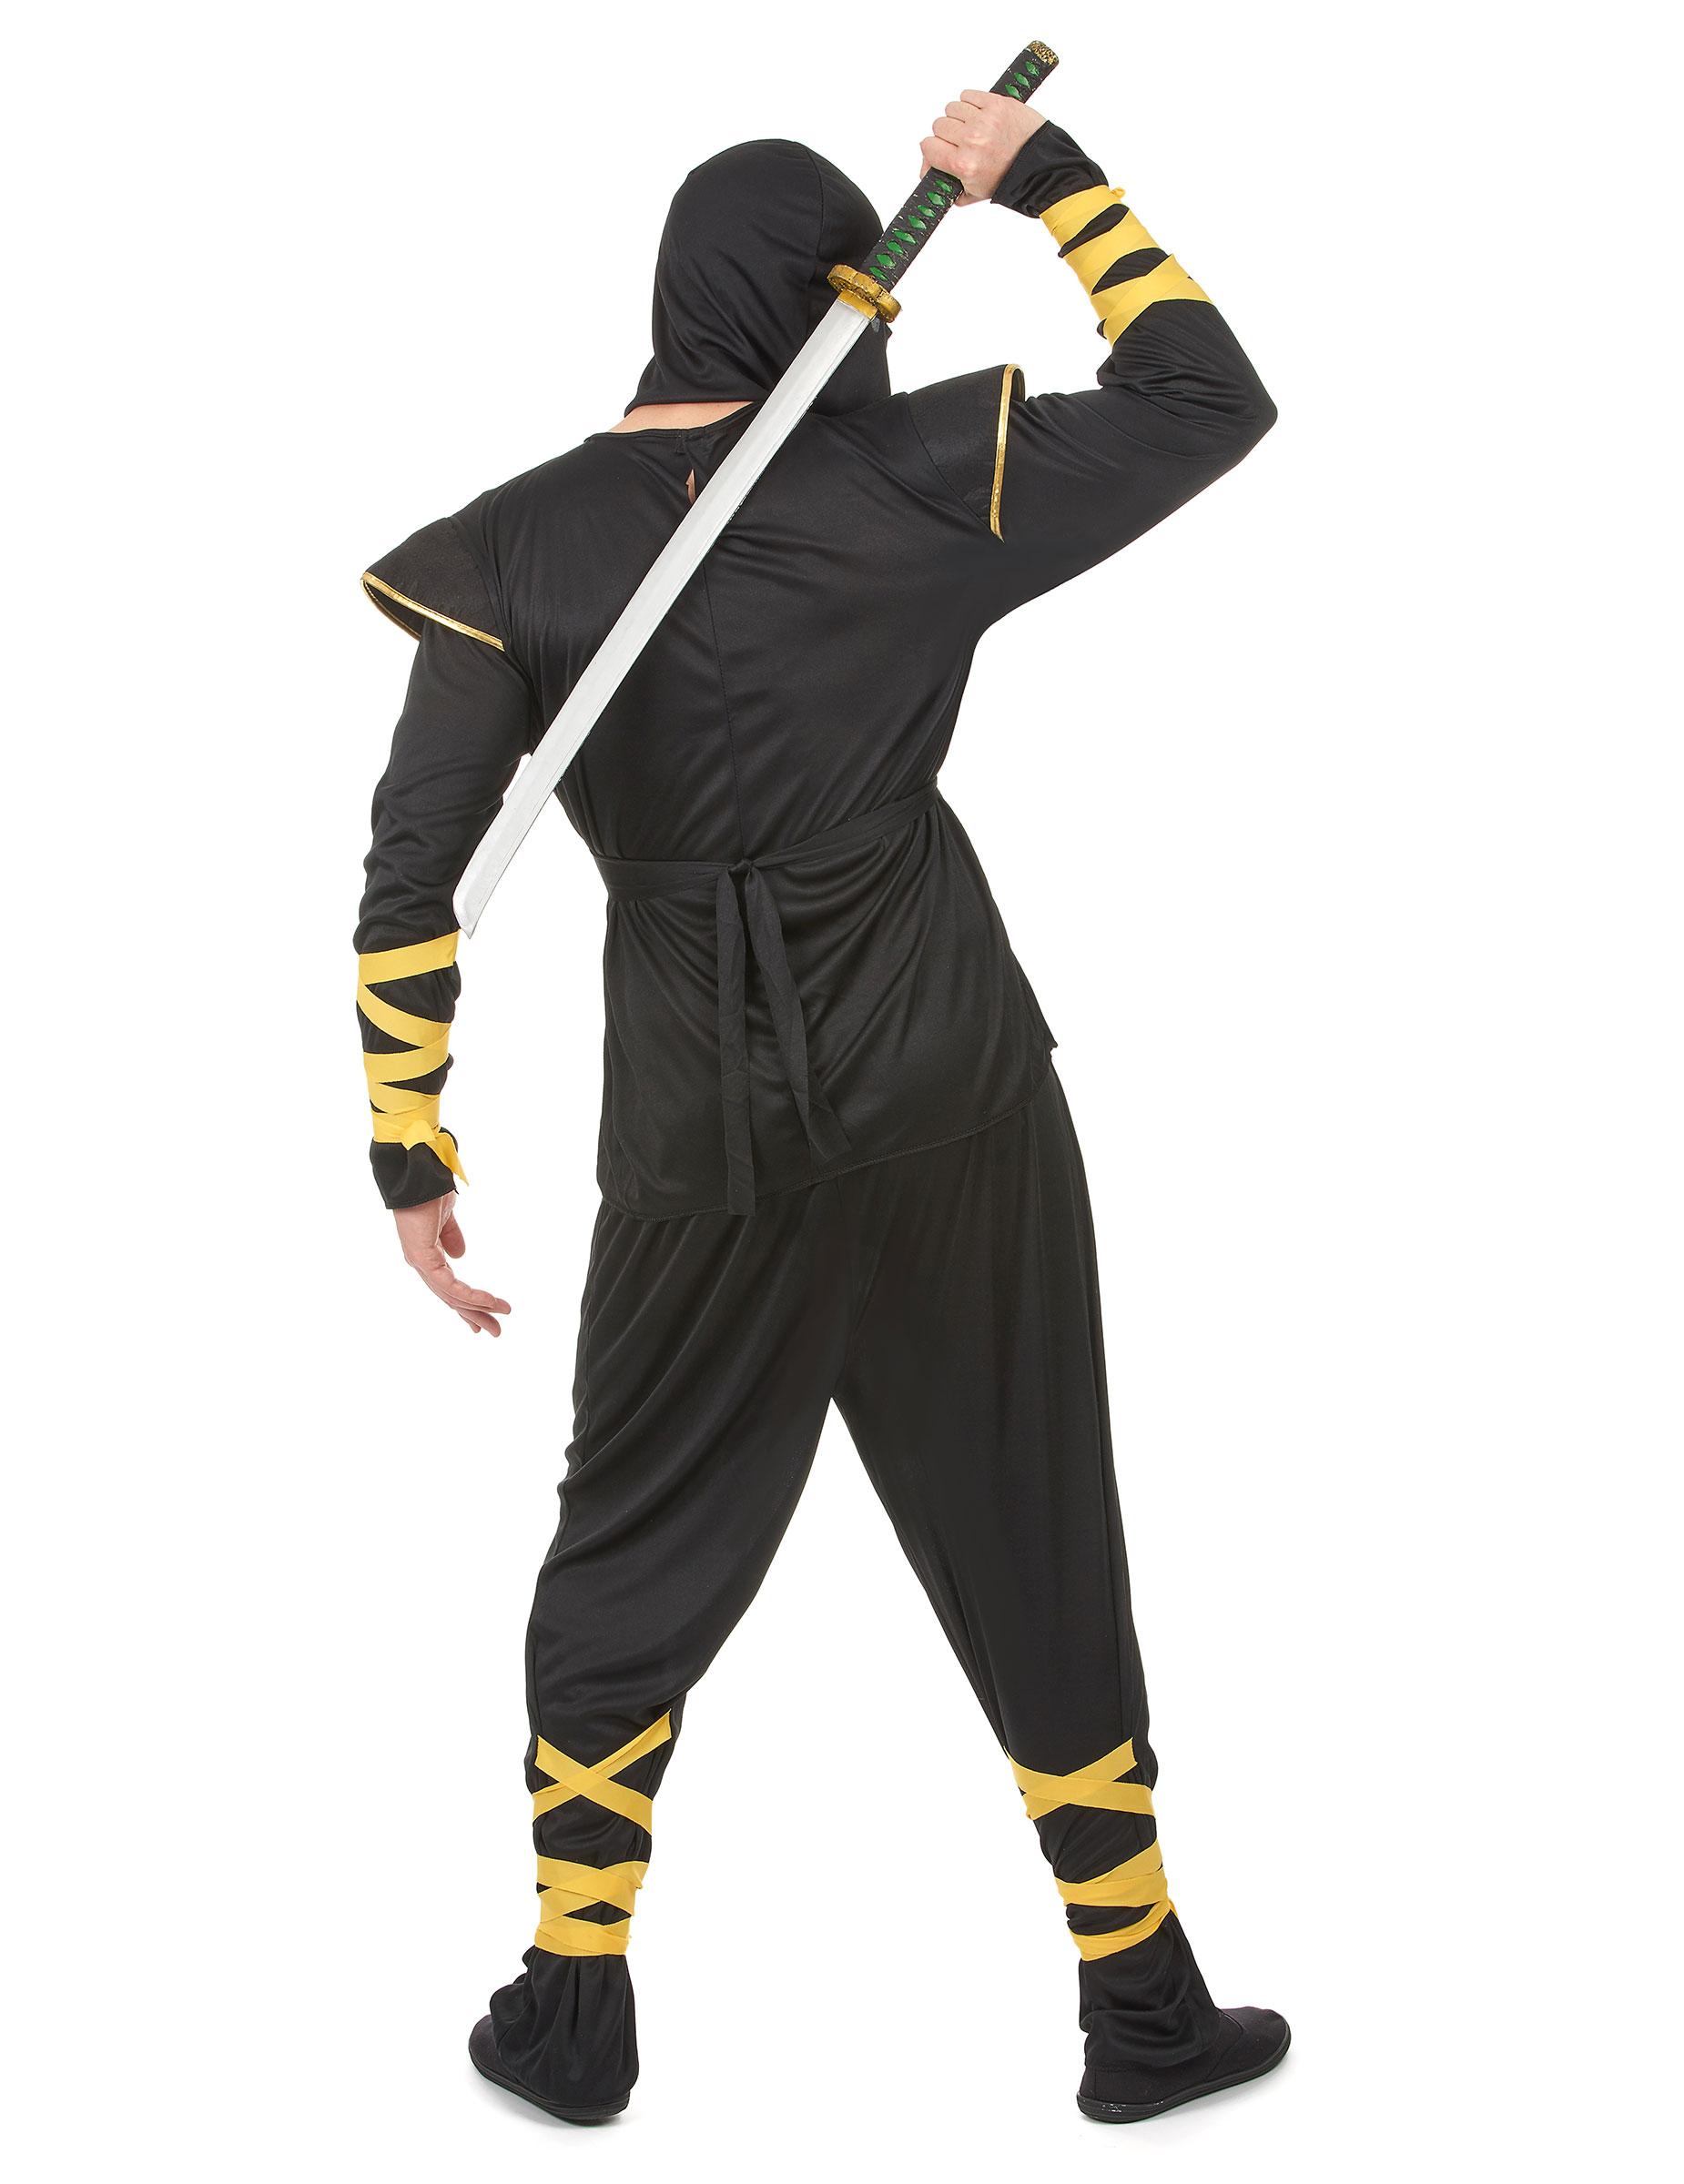 c1d3333012f9d Déguisement ninja dragons dorés homme   Deguise-toi